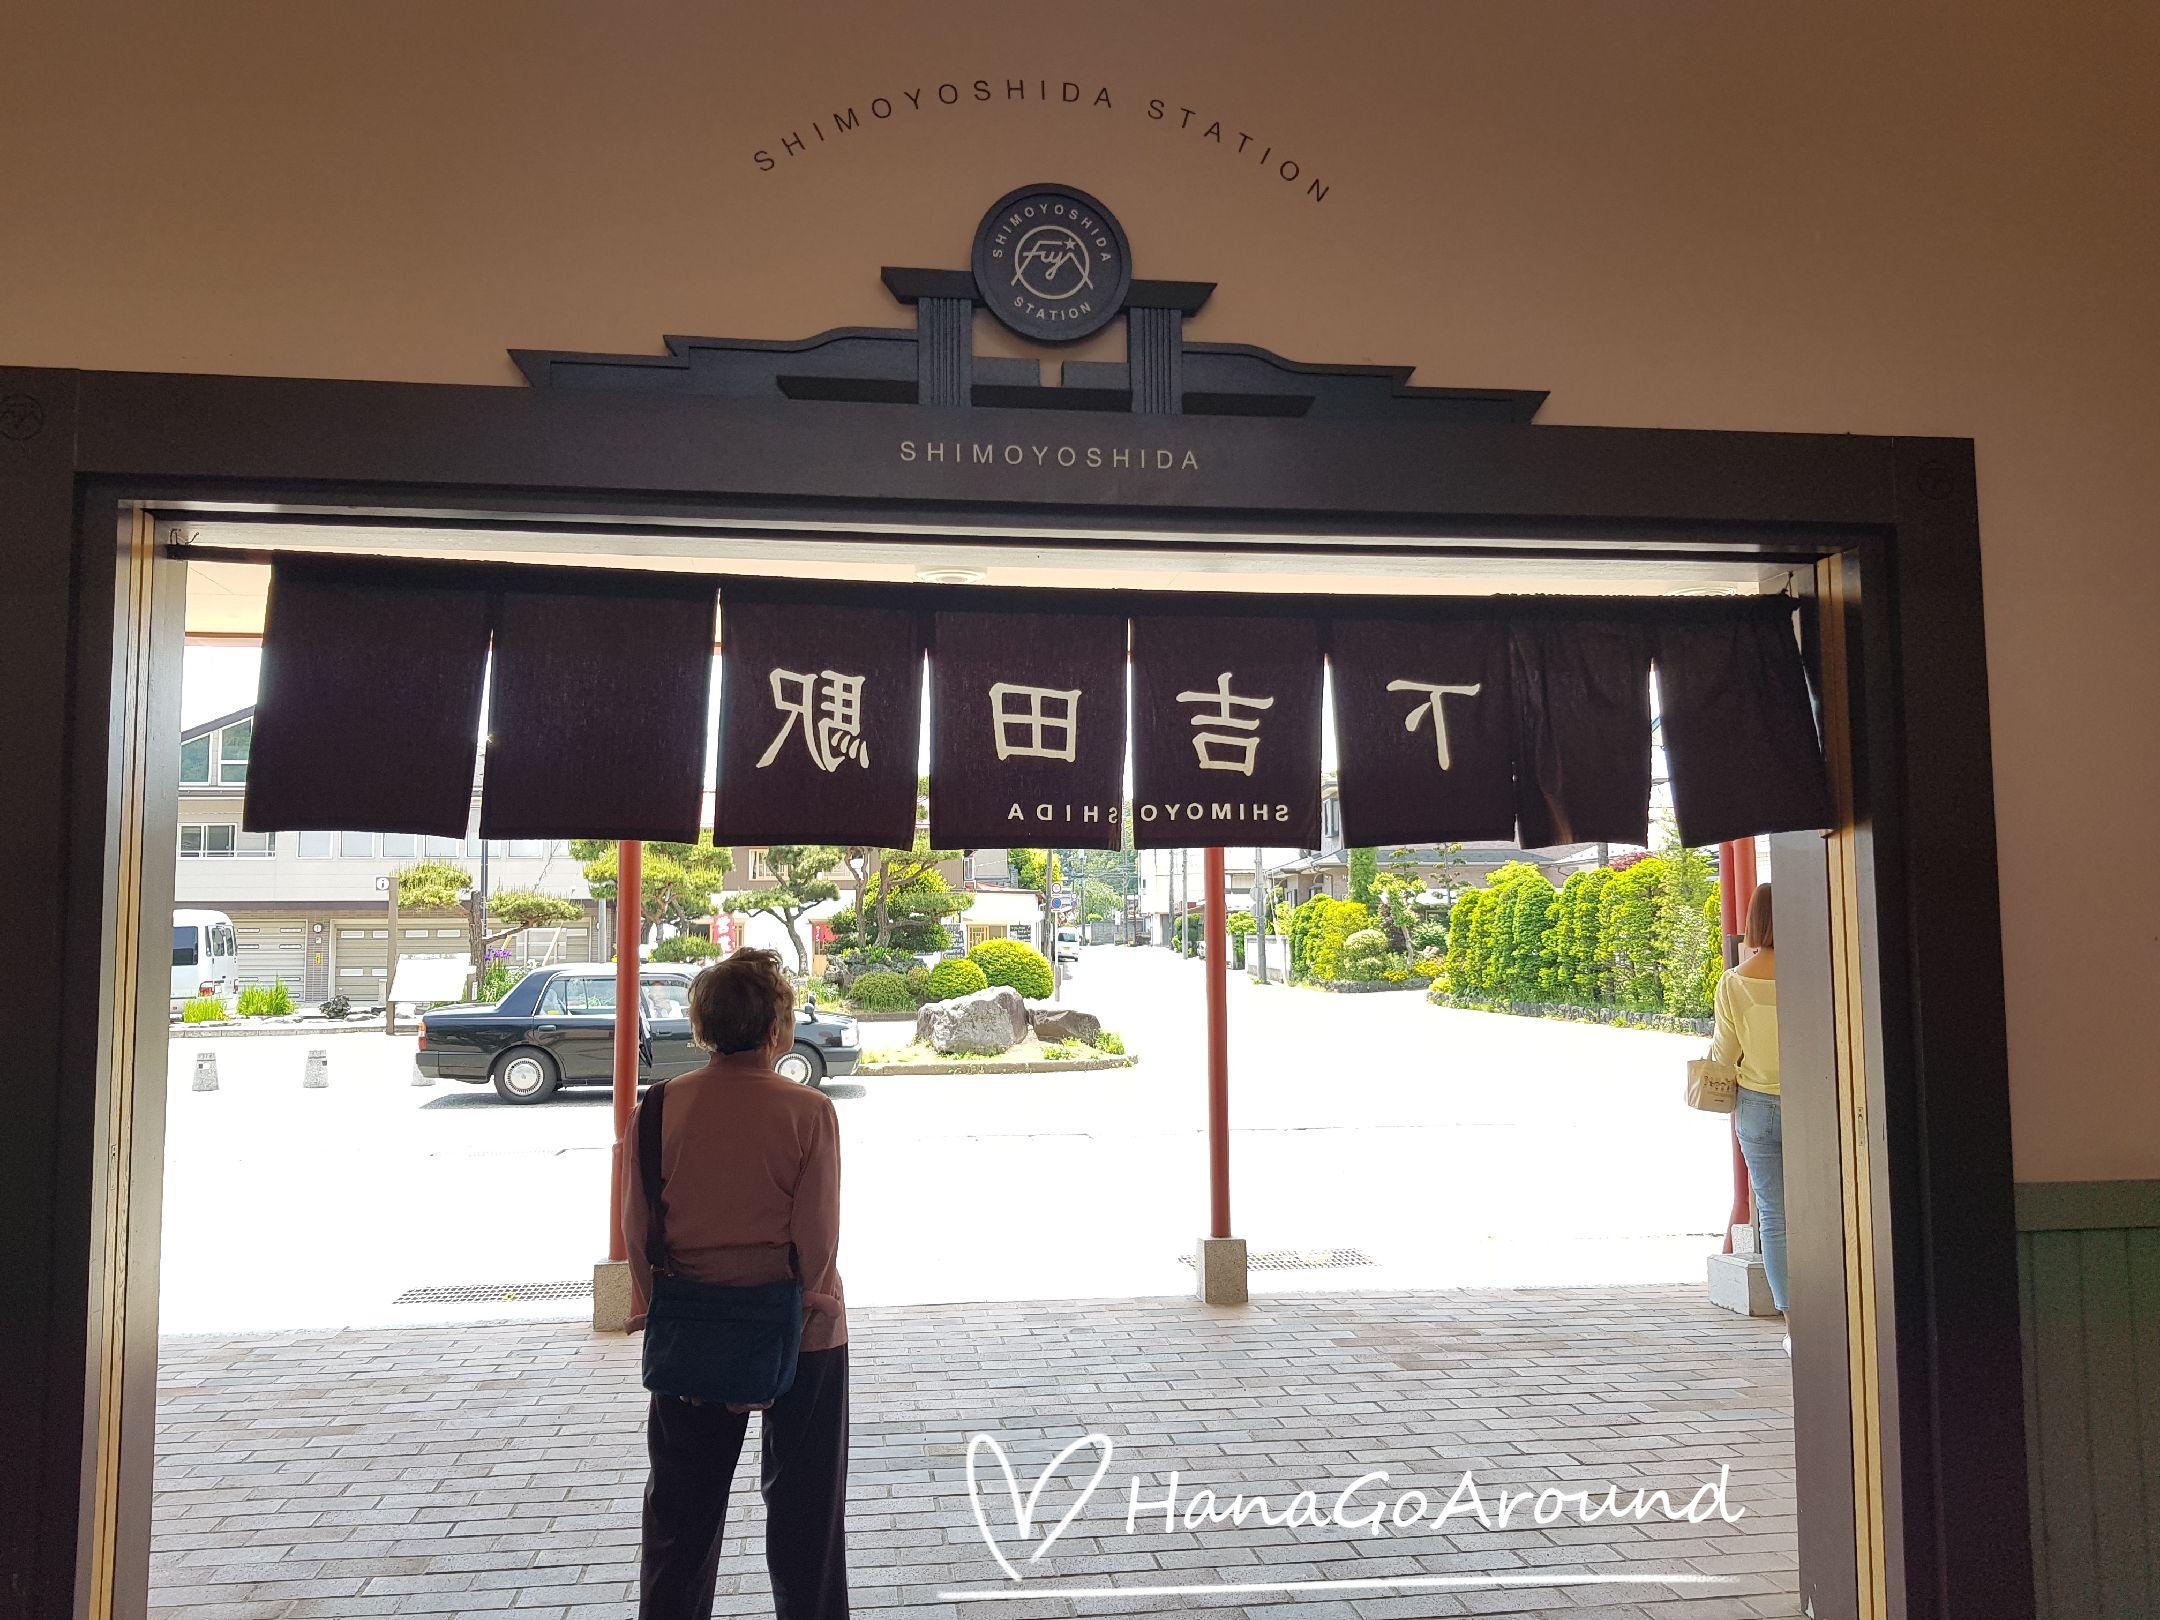 บรรยากาศเมืองฟูจิชิโยดะ (Fujishiyoda)ในจังหวัดยามานาชิ (Yamanashi)